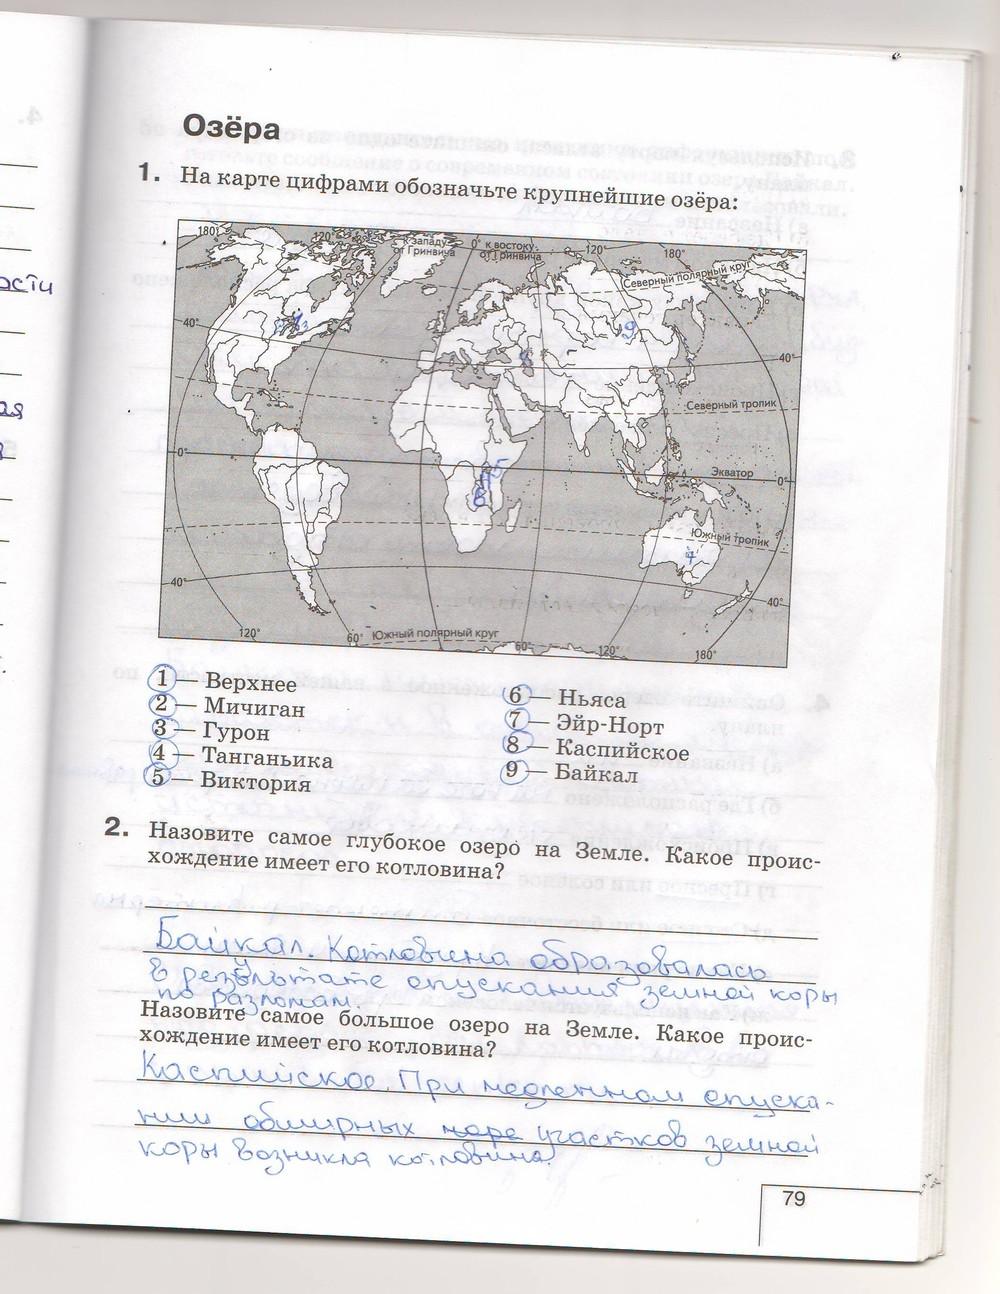 гдз к рабочей тетради по географии 6 класс карташева